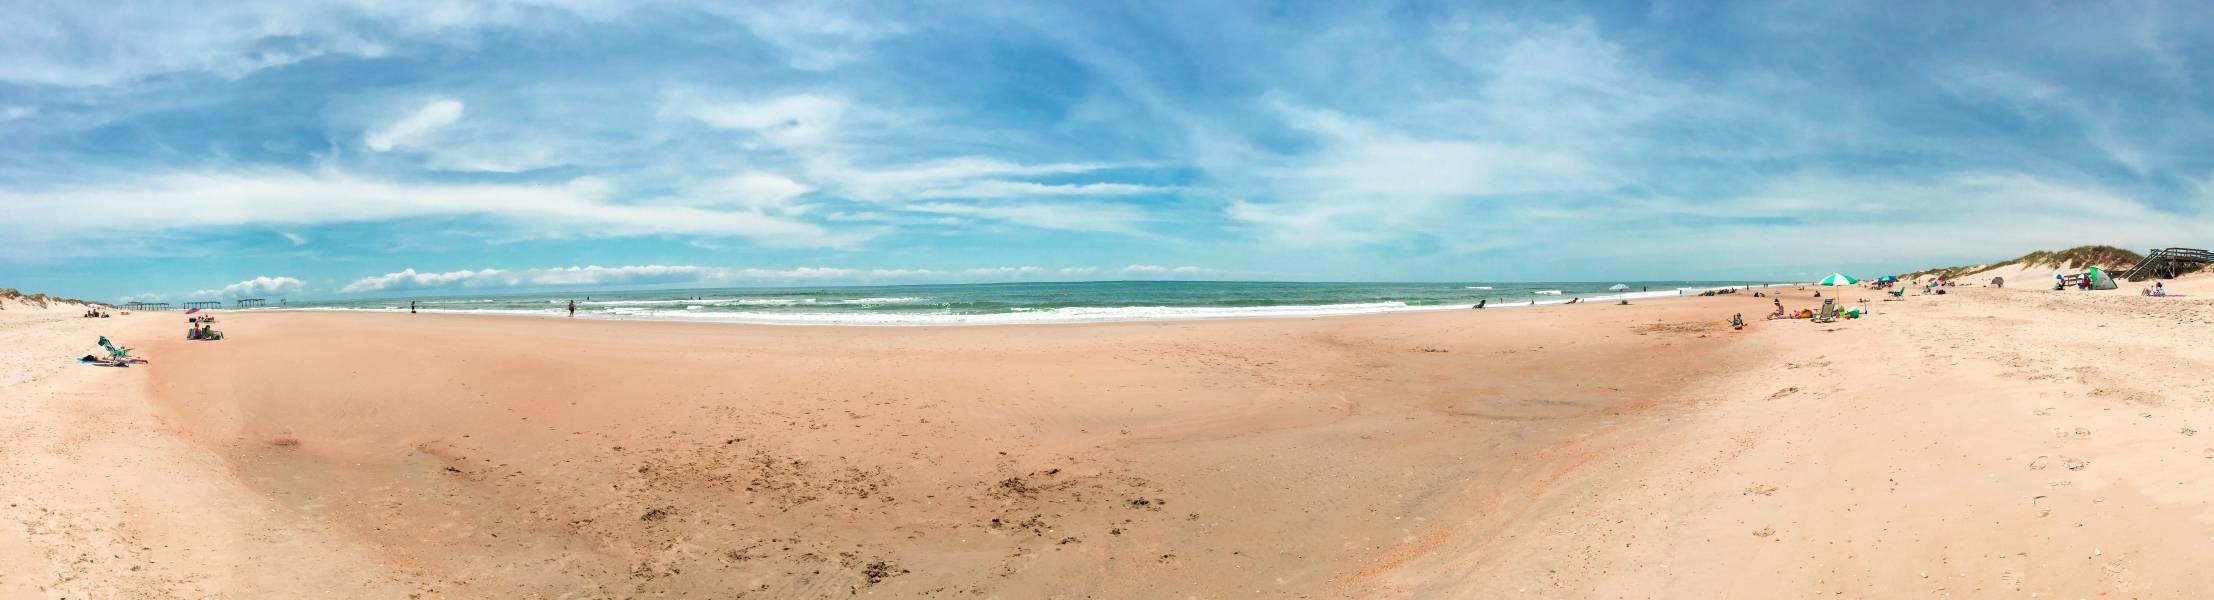 Frisco Beach On Hatteras Island